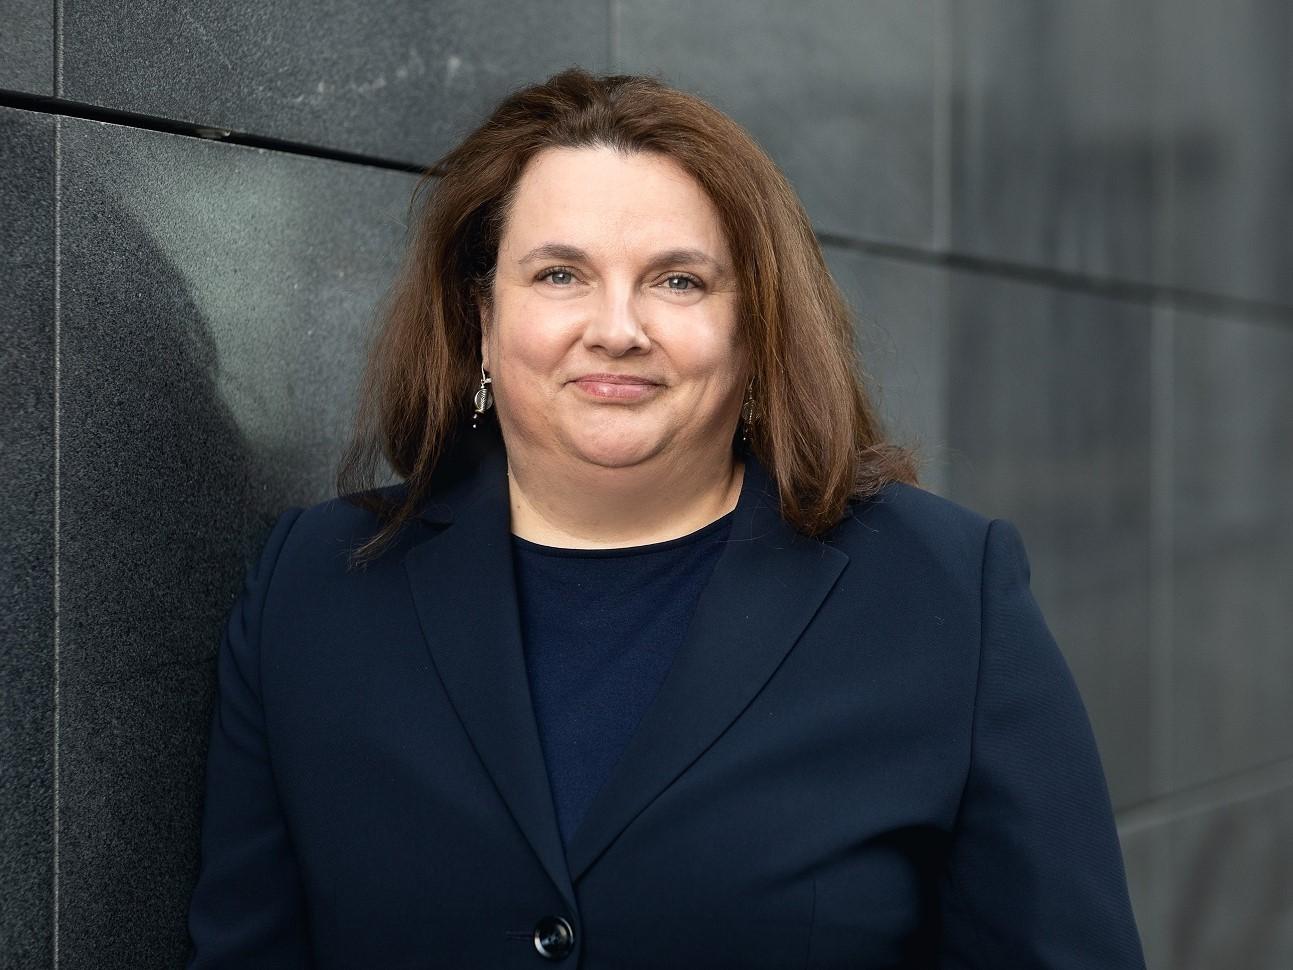 Dagmar Oldenburg (39) übernimmt per 20. Mai 2019 die Leitung des Personalmanagements der AMEOS Gruppe (Bild: AMEOS Gruppe)